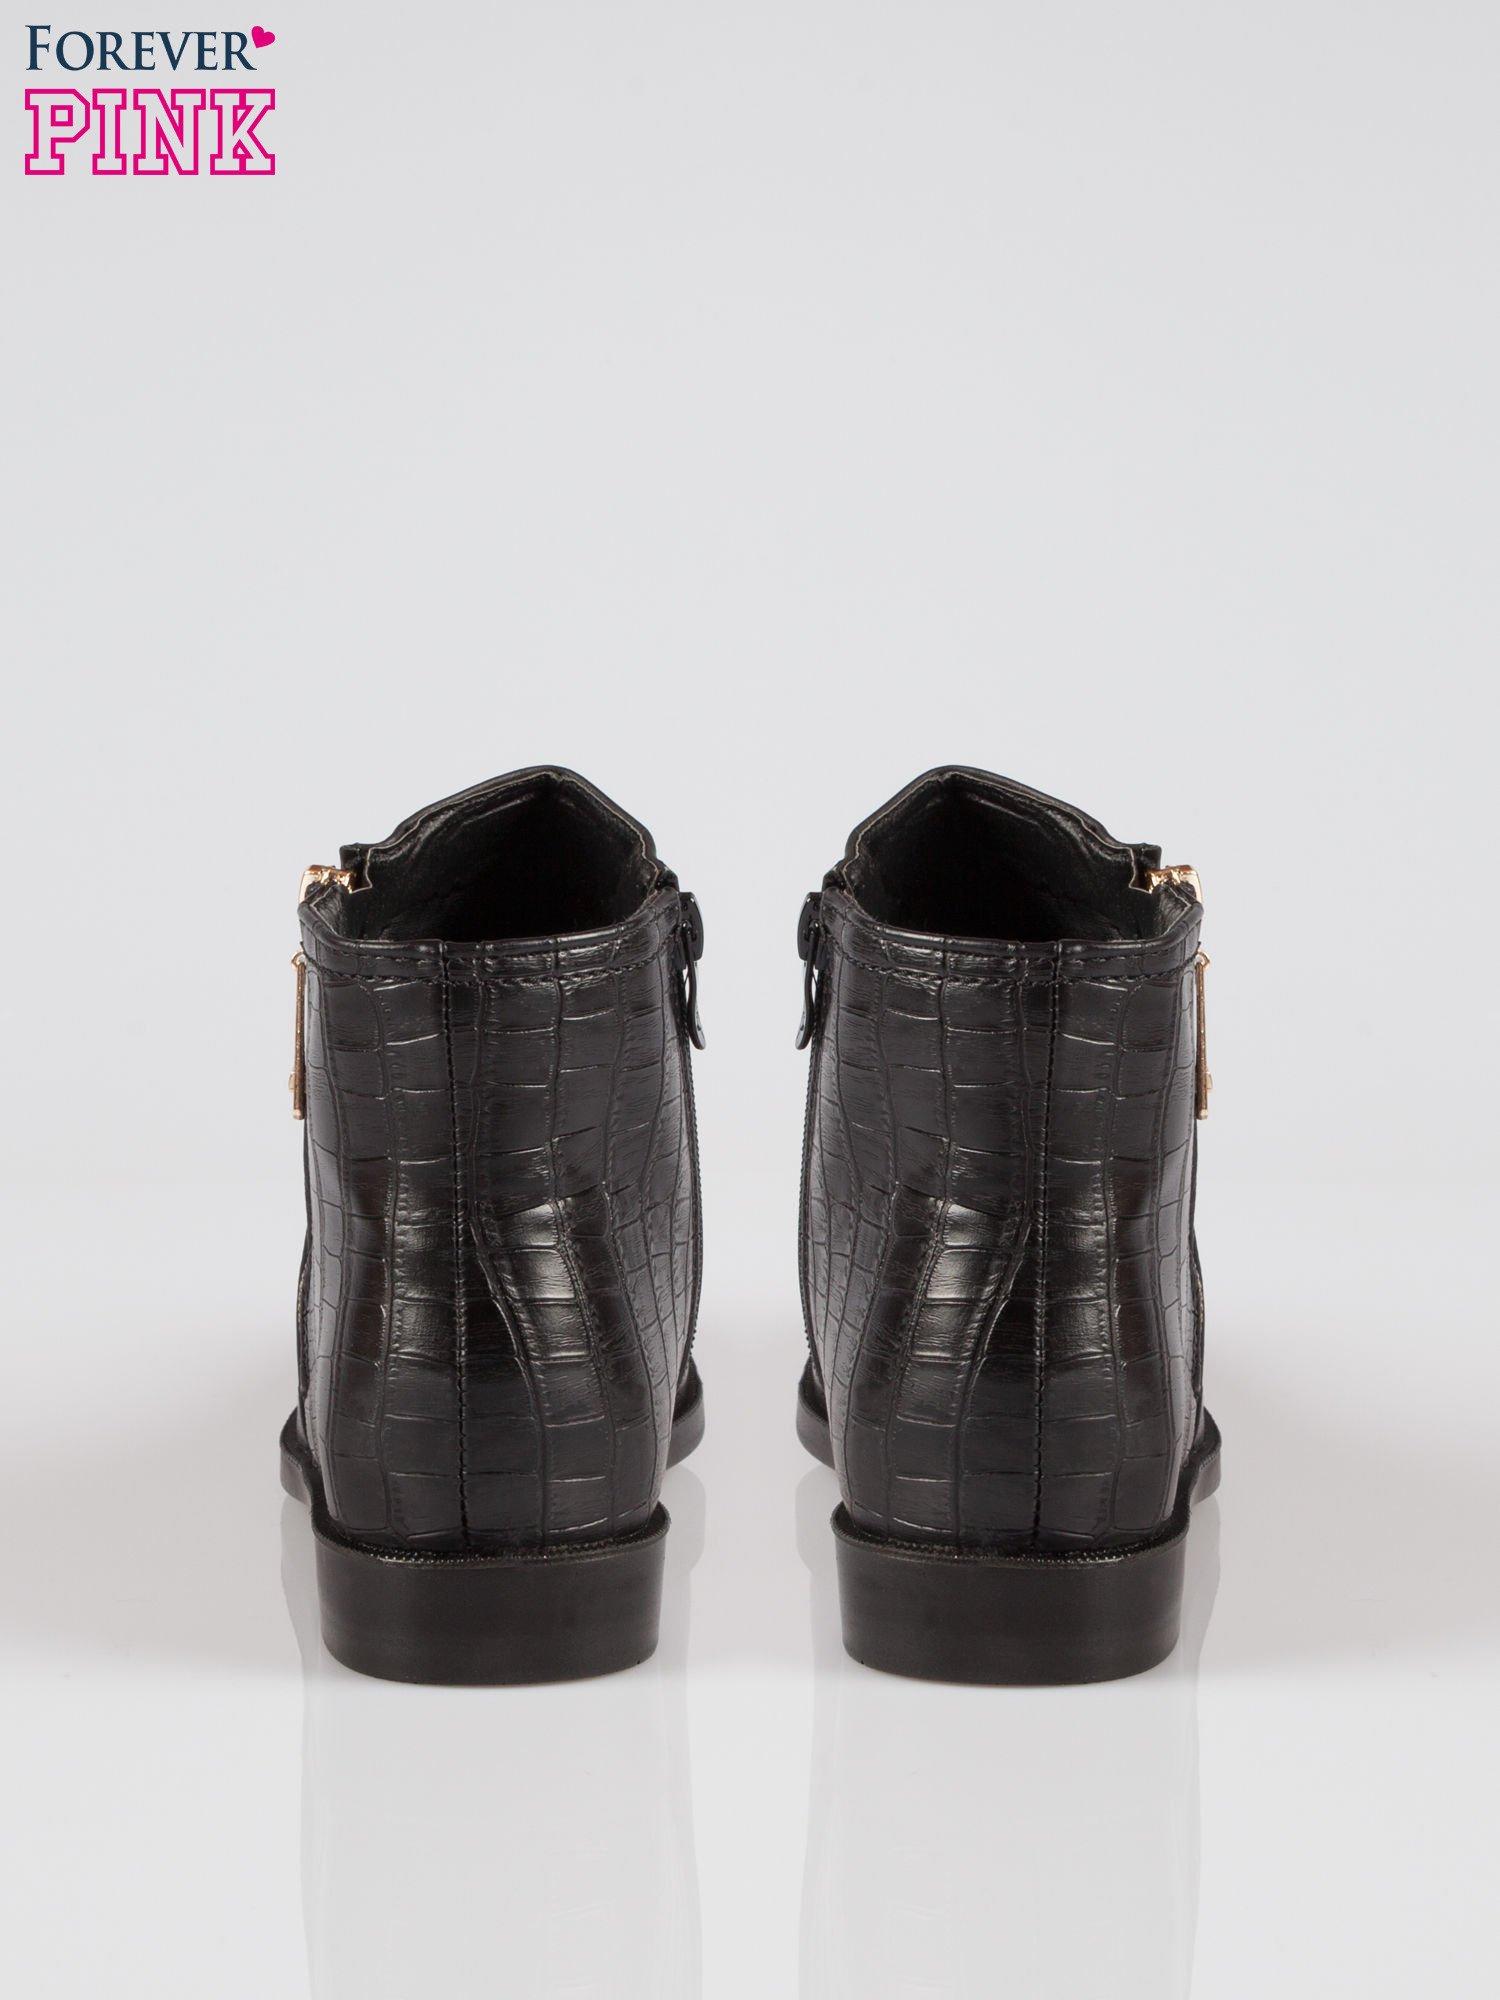 Czarne płaskie botki ze złotym suwakiem i tyłem ze skóry krokodyla                                  zdj.                                  3